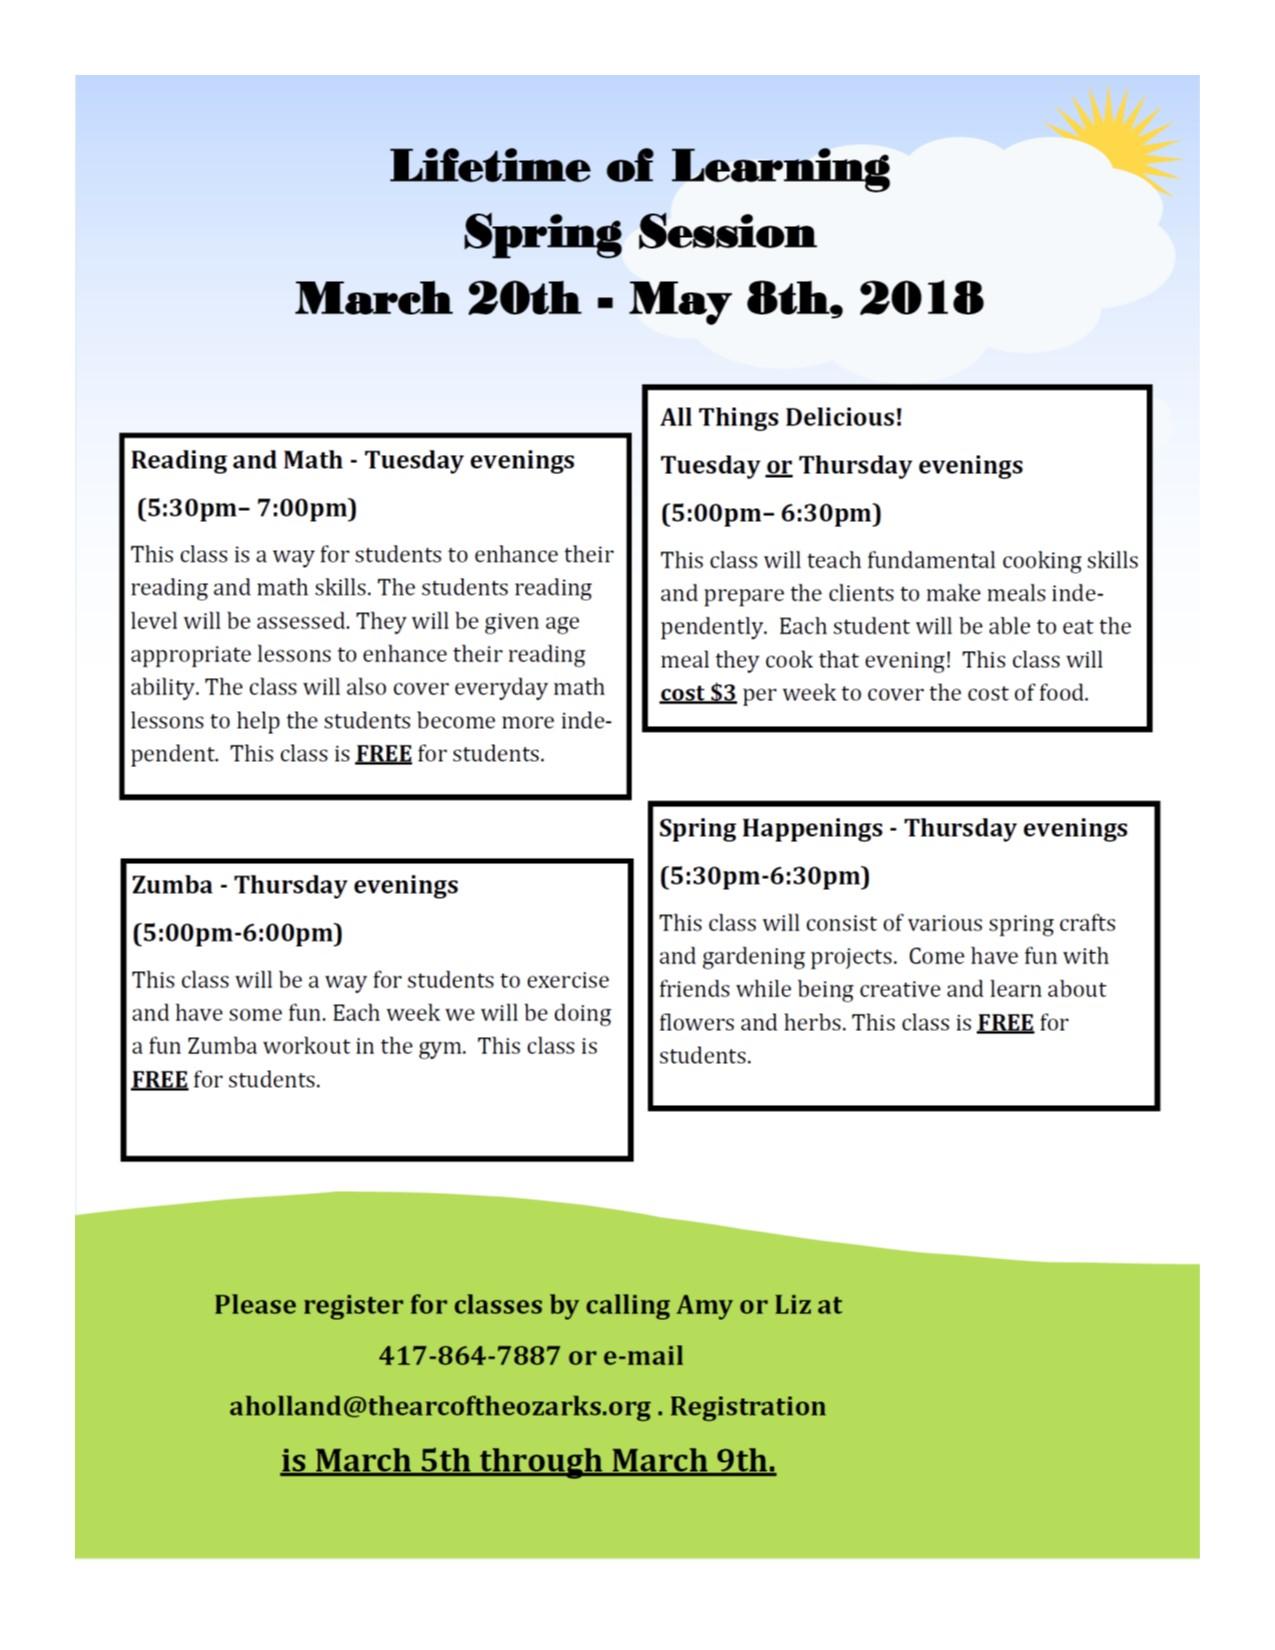 Lifetime of Learning Spring 2018.jpg